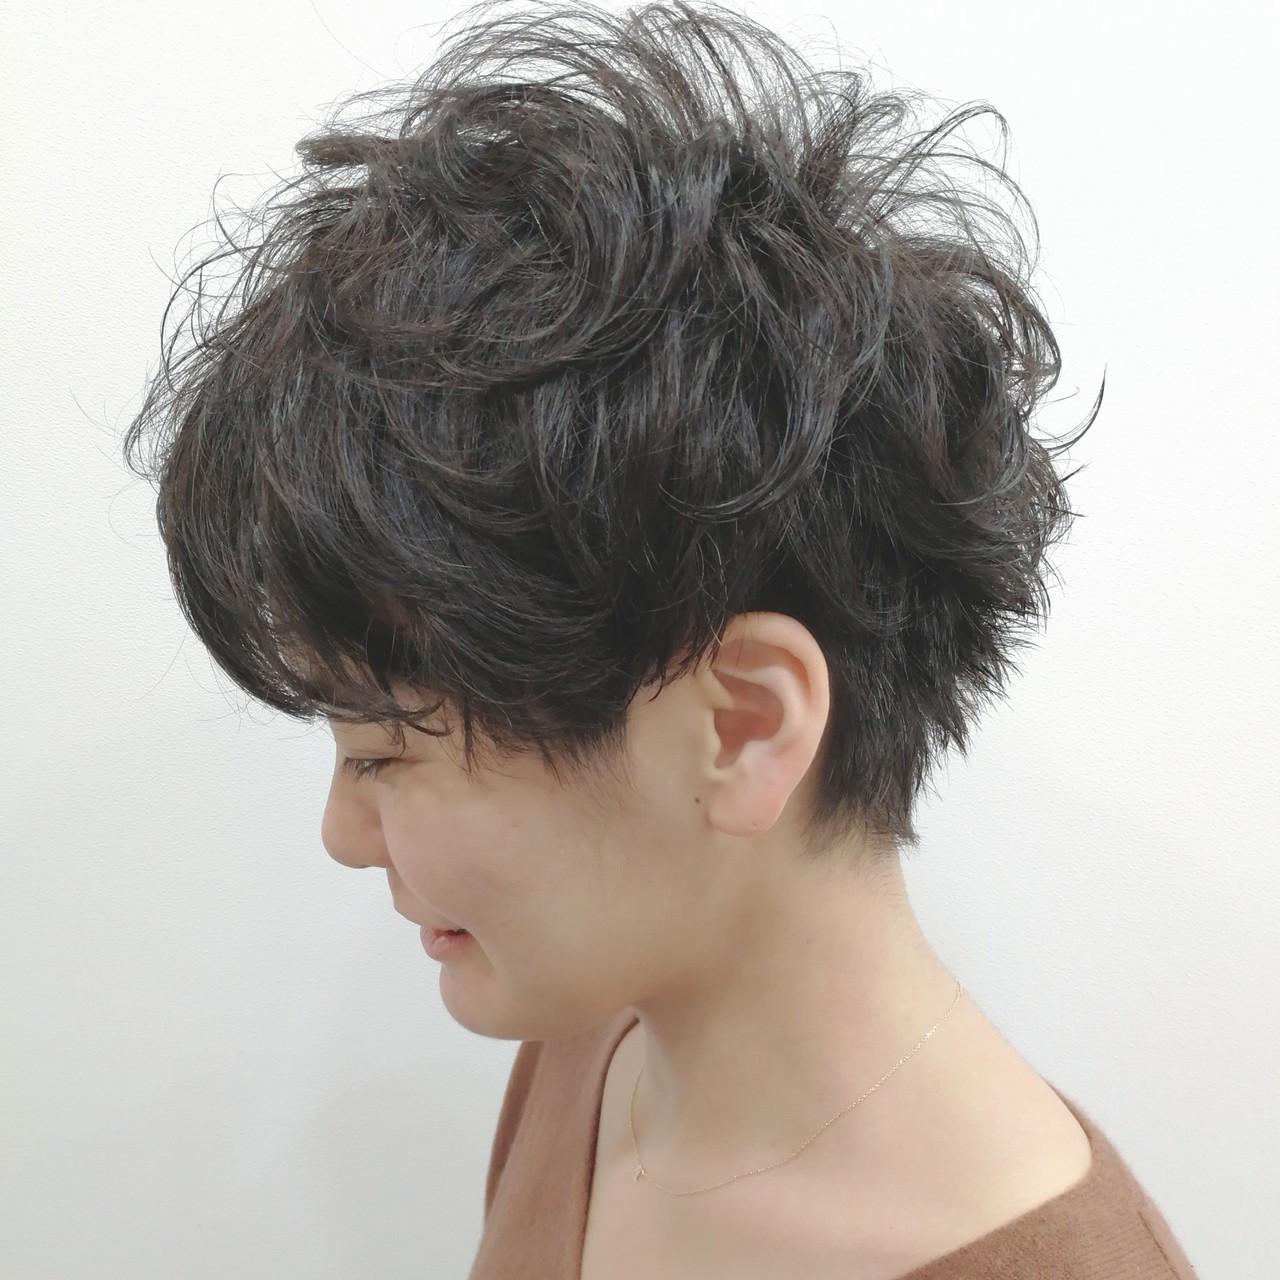 ふんわりパーマで魅せる☆大人女性のツーブロック Saori Kastuki